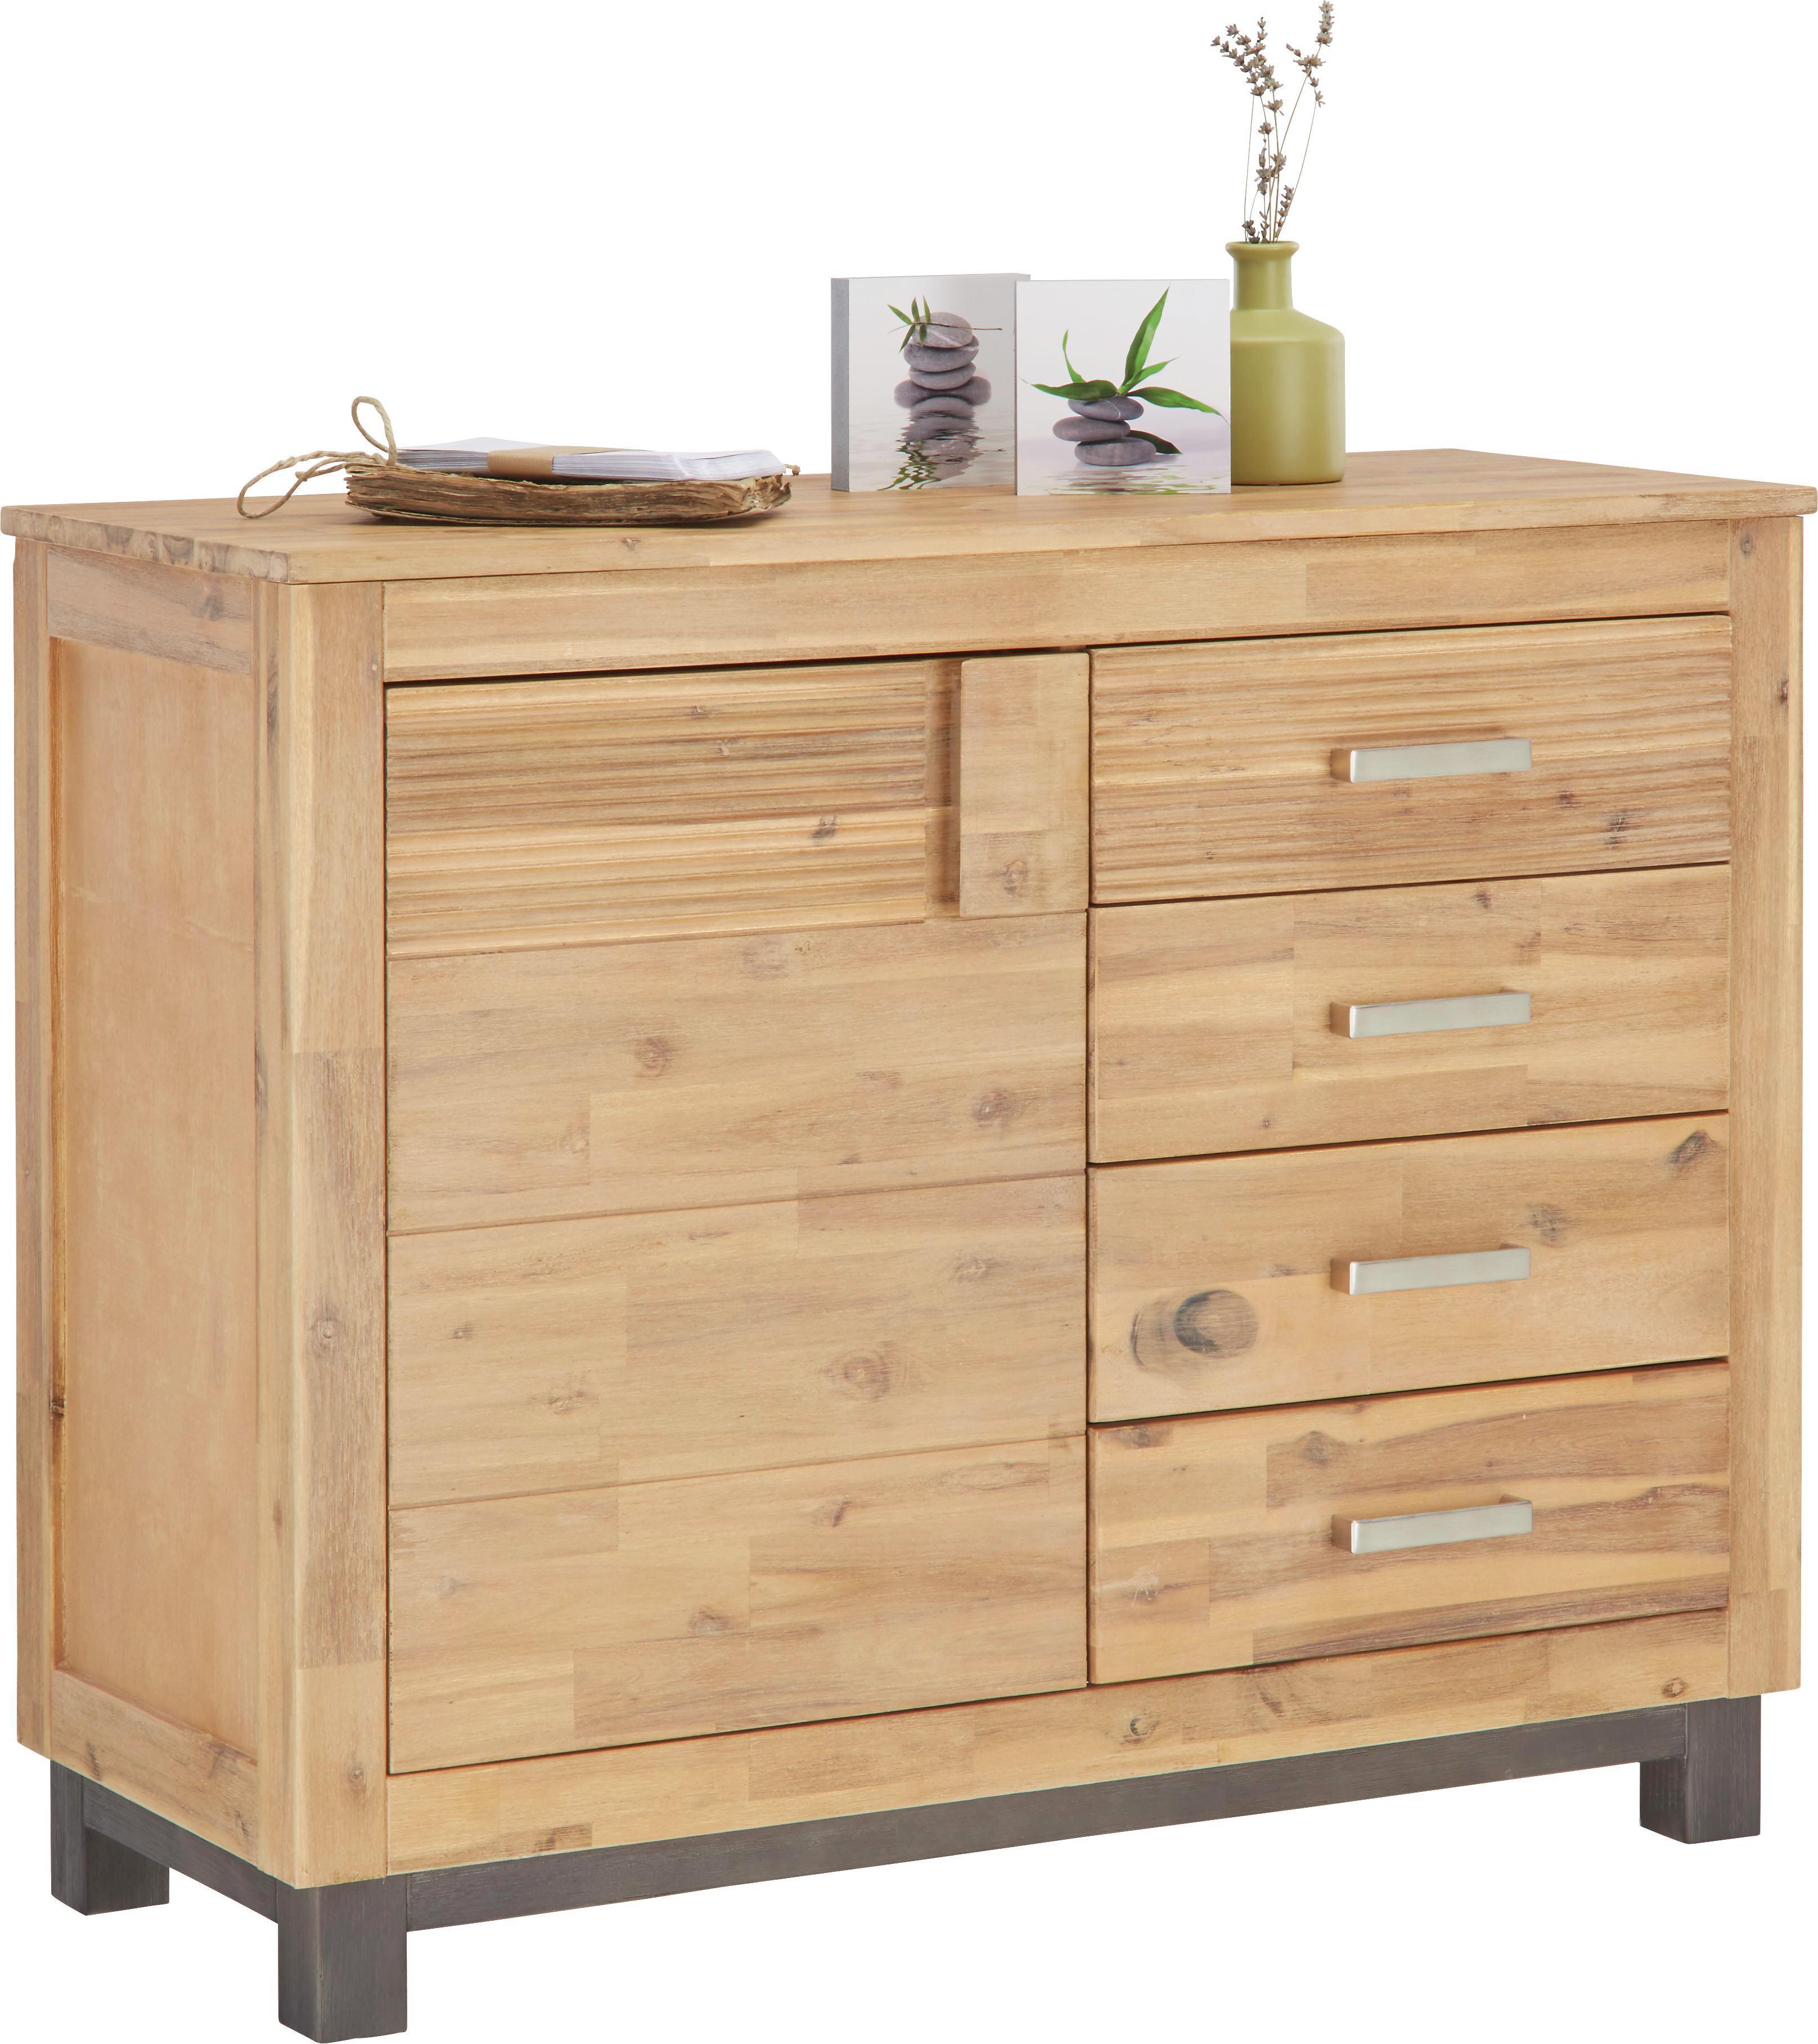 Kommode aus Akazie - Silberfarben/Akaziefarben, KONVENTIONELL, Holz/Holzwerkstoff (110/90/45cm) - ZANDIARA